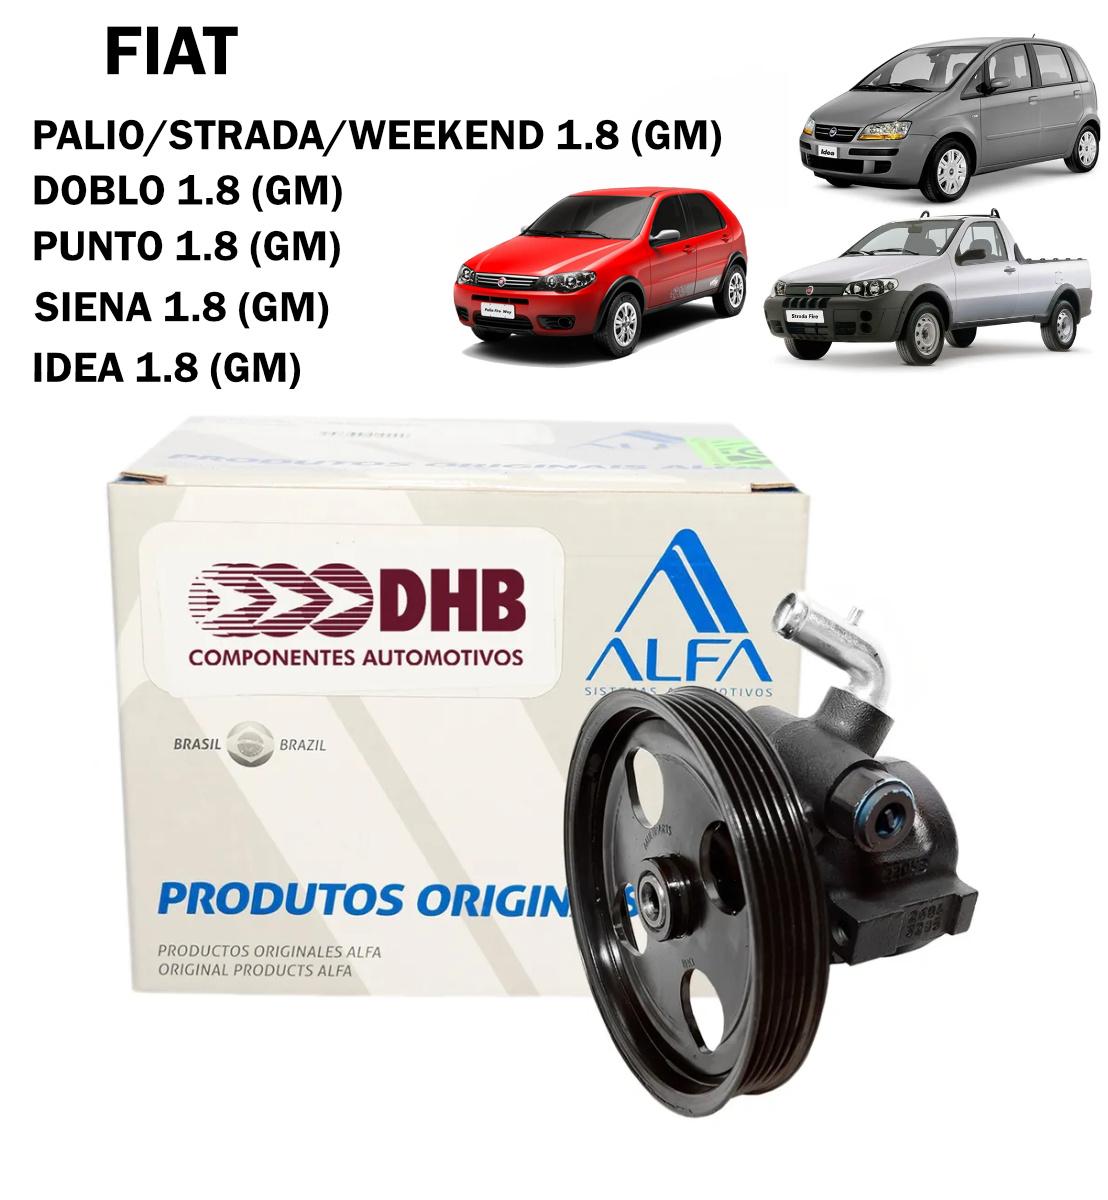 Bomba Direção Hidráulica DHB Palio, Siena, Strada, Idea, Doblo, Punto - Todos 1.8 (GM)